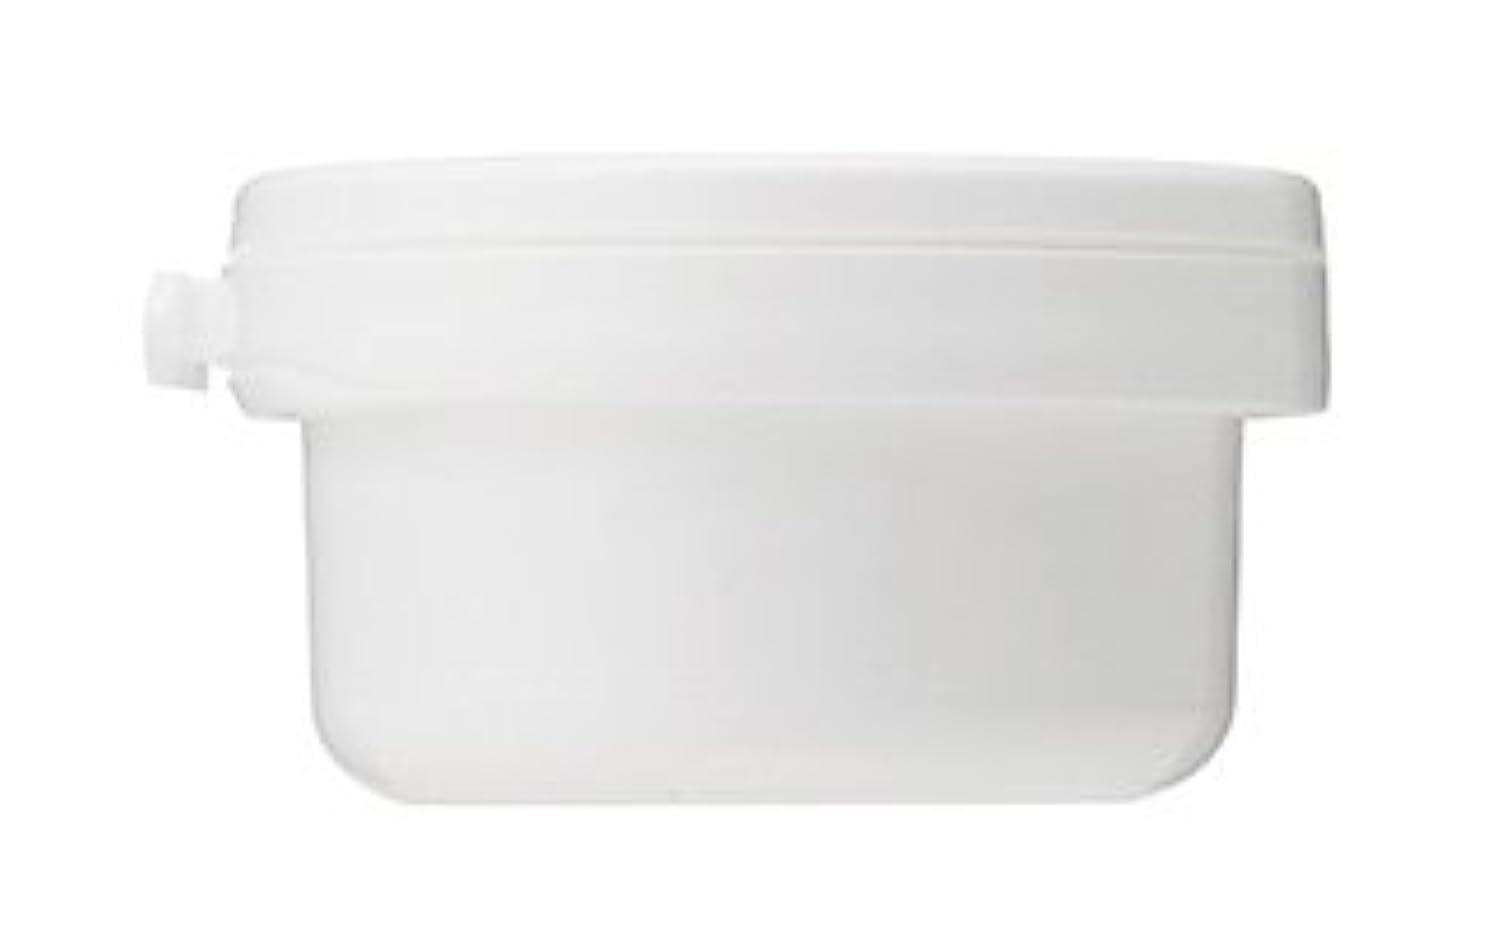 あいまいクラックポットモーターインナップEX 保湿クリーム詰め替え用 (潤い効果アップ) モイスチャークリーム MD レフィル [弱酸性]